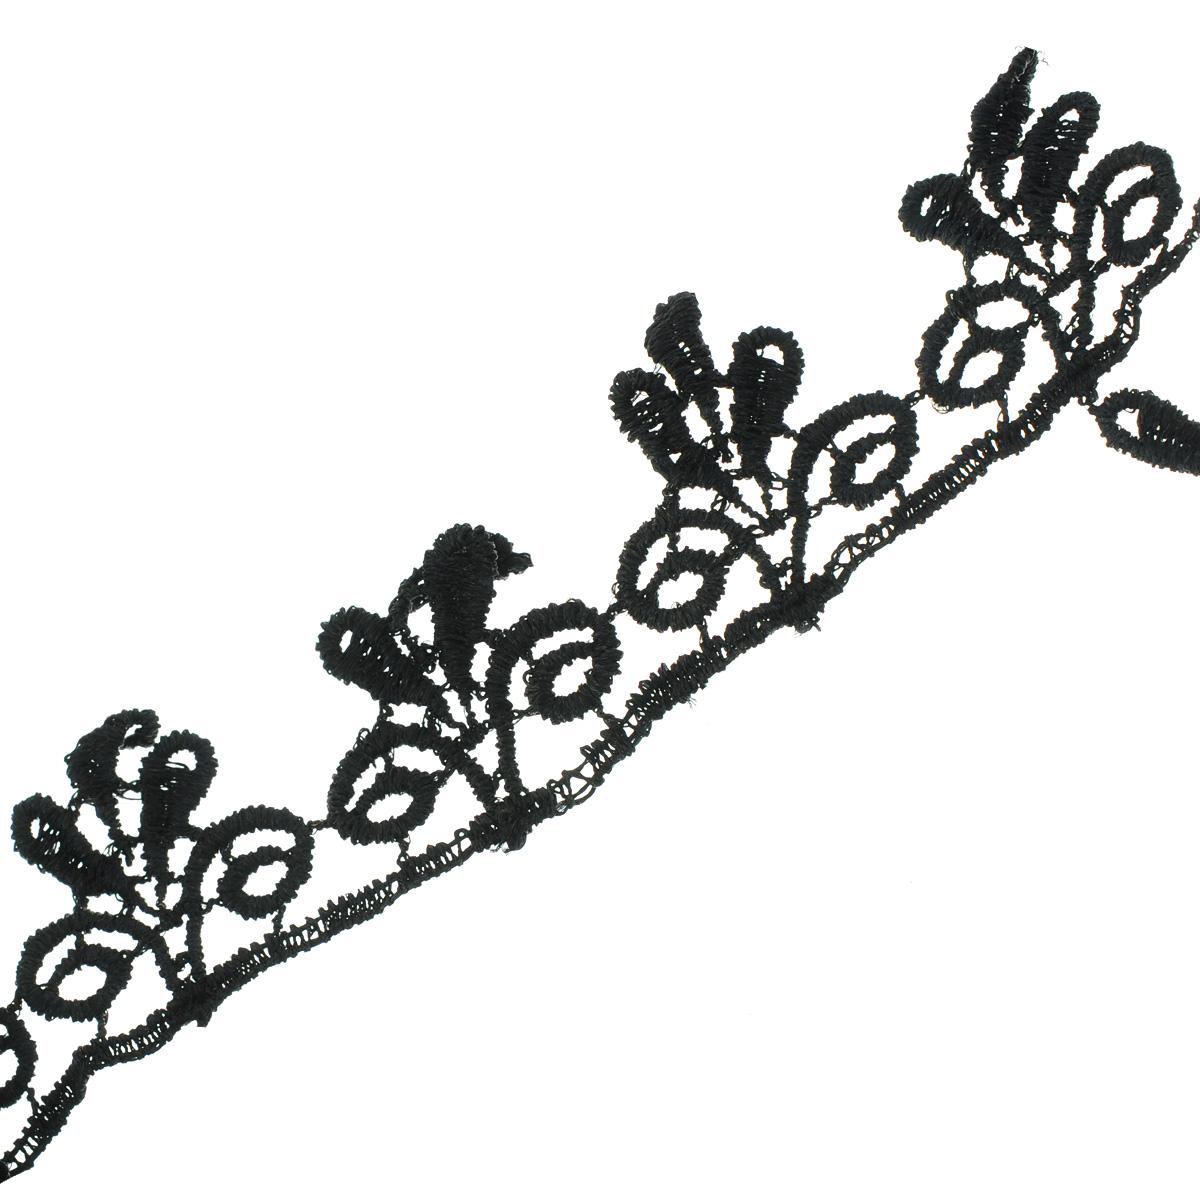 Кружево вязаное Астра, цвет: черный, ширина 3 см, длина 9 м. 77043887704388Кружево Астра, изготовленное из 35% хлопка и 65% полиэстера, предназначено для декорирования. Вязаное кружево часто применяется для завершения таких изделий, как шали, платки, кофточки, салфетки, скатерти, а также для изготовления воротников, манжет, различных отделок. Кружева широко применяются в оформлении интерьера: в виде декоративных панно, скатертей, занавесок, постельного белья (подушки, покрывала), салфеток и подстаканников. Ширина: 3 см.Длина: 9 м.